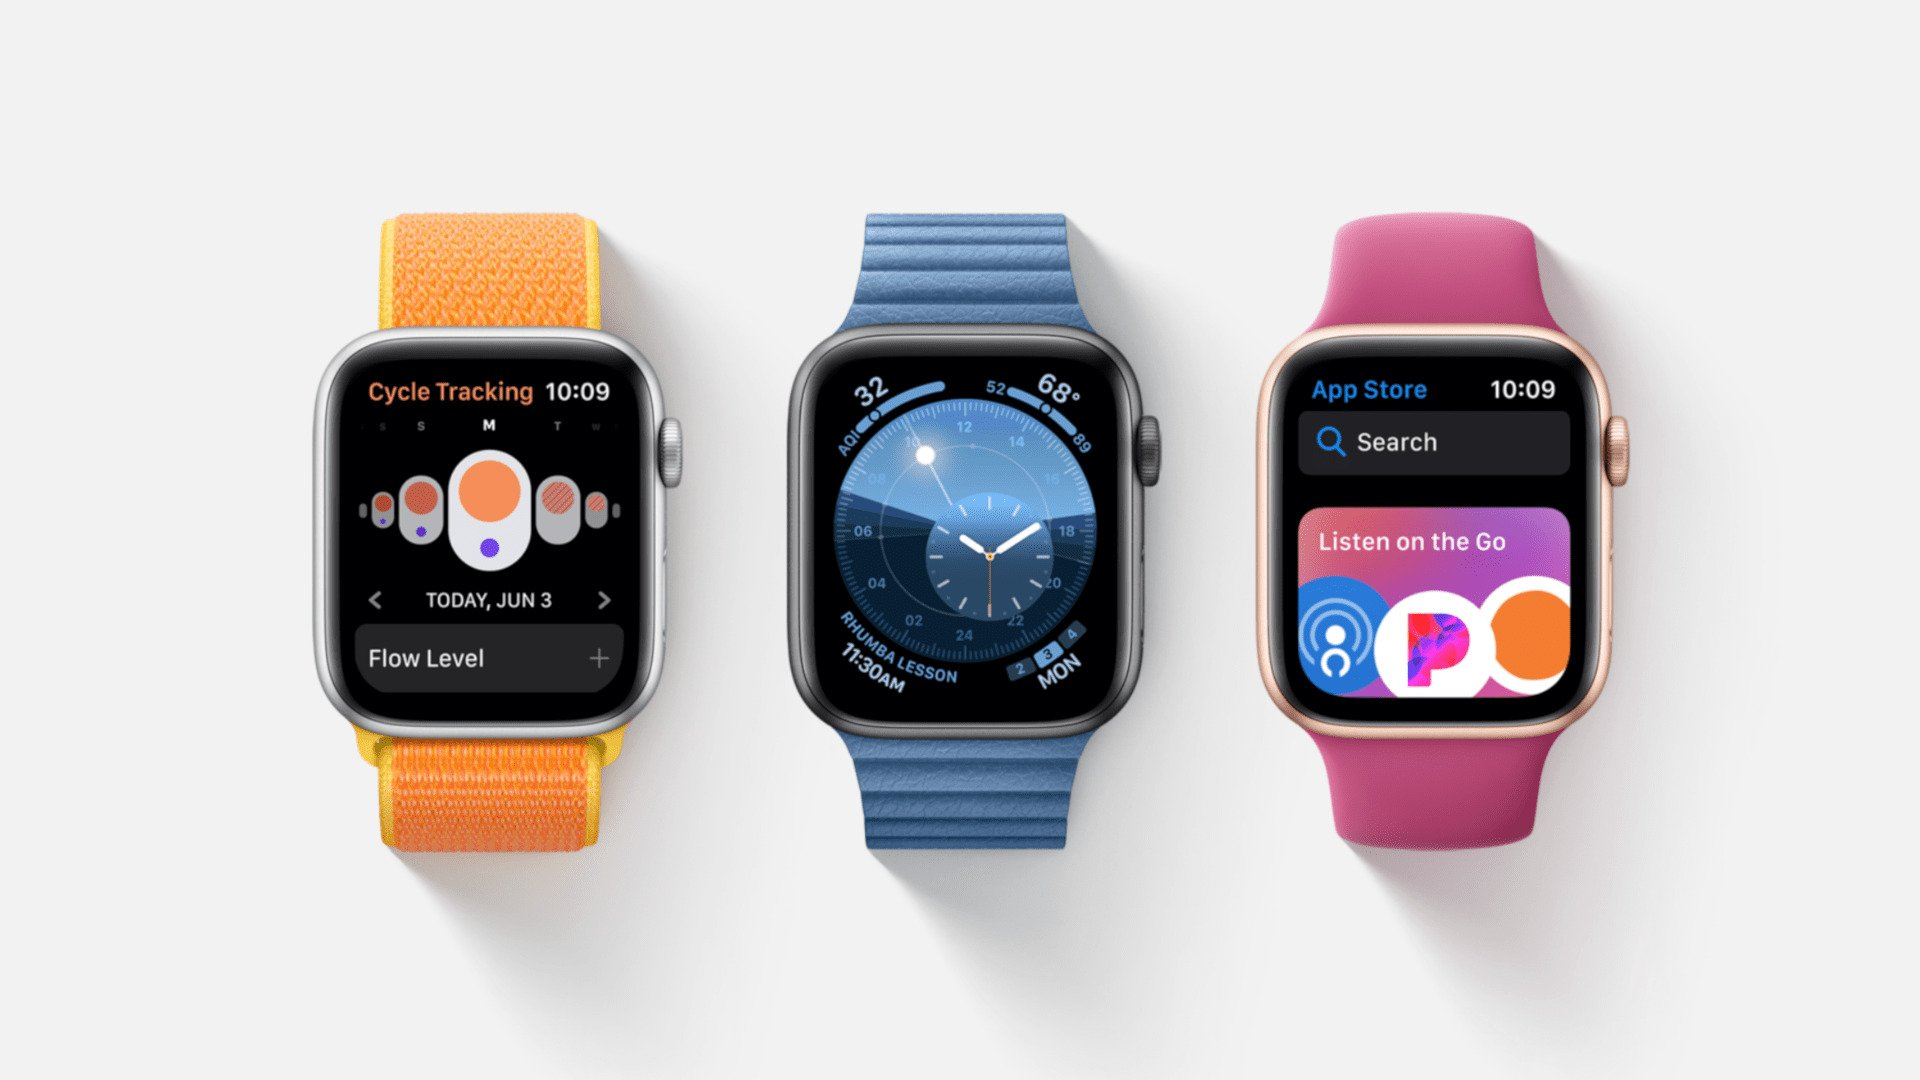 إتاحة إزالة التطبيقات المُثبتة مُسبقاً في نظام watchOS 6